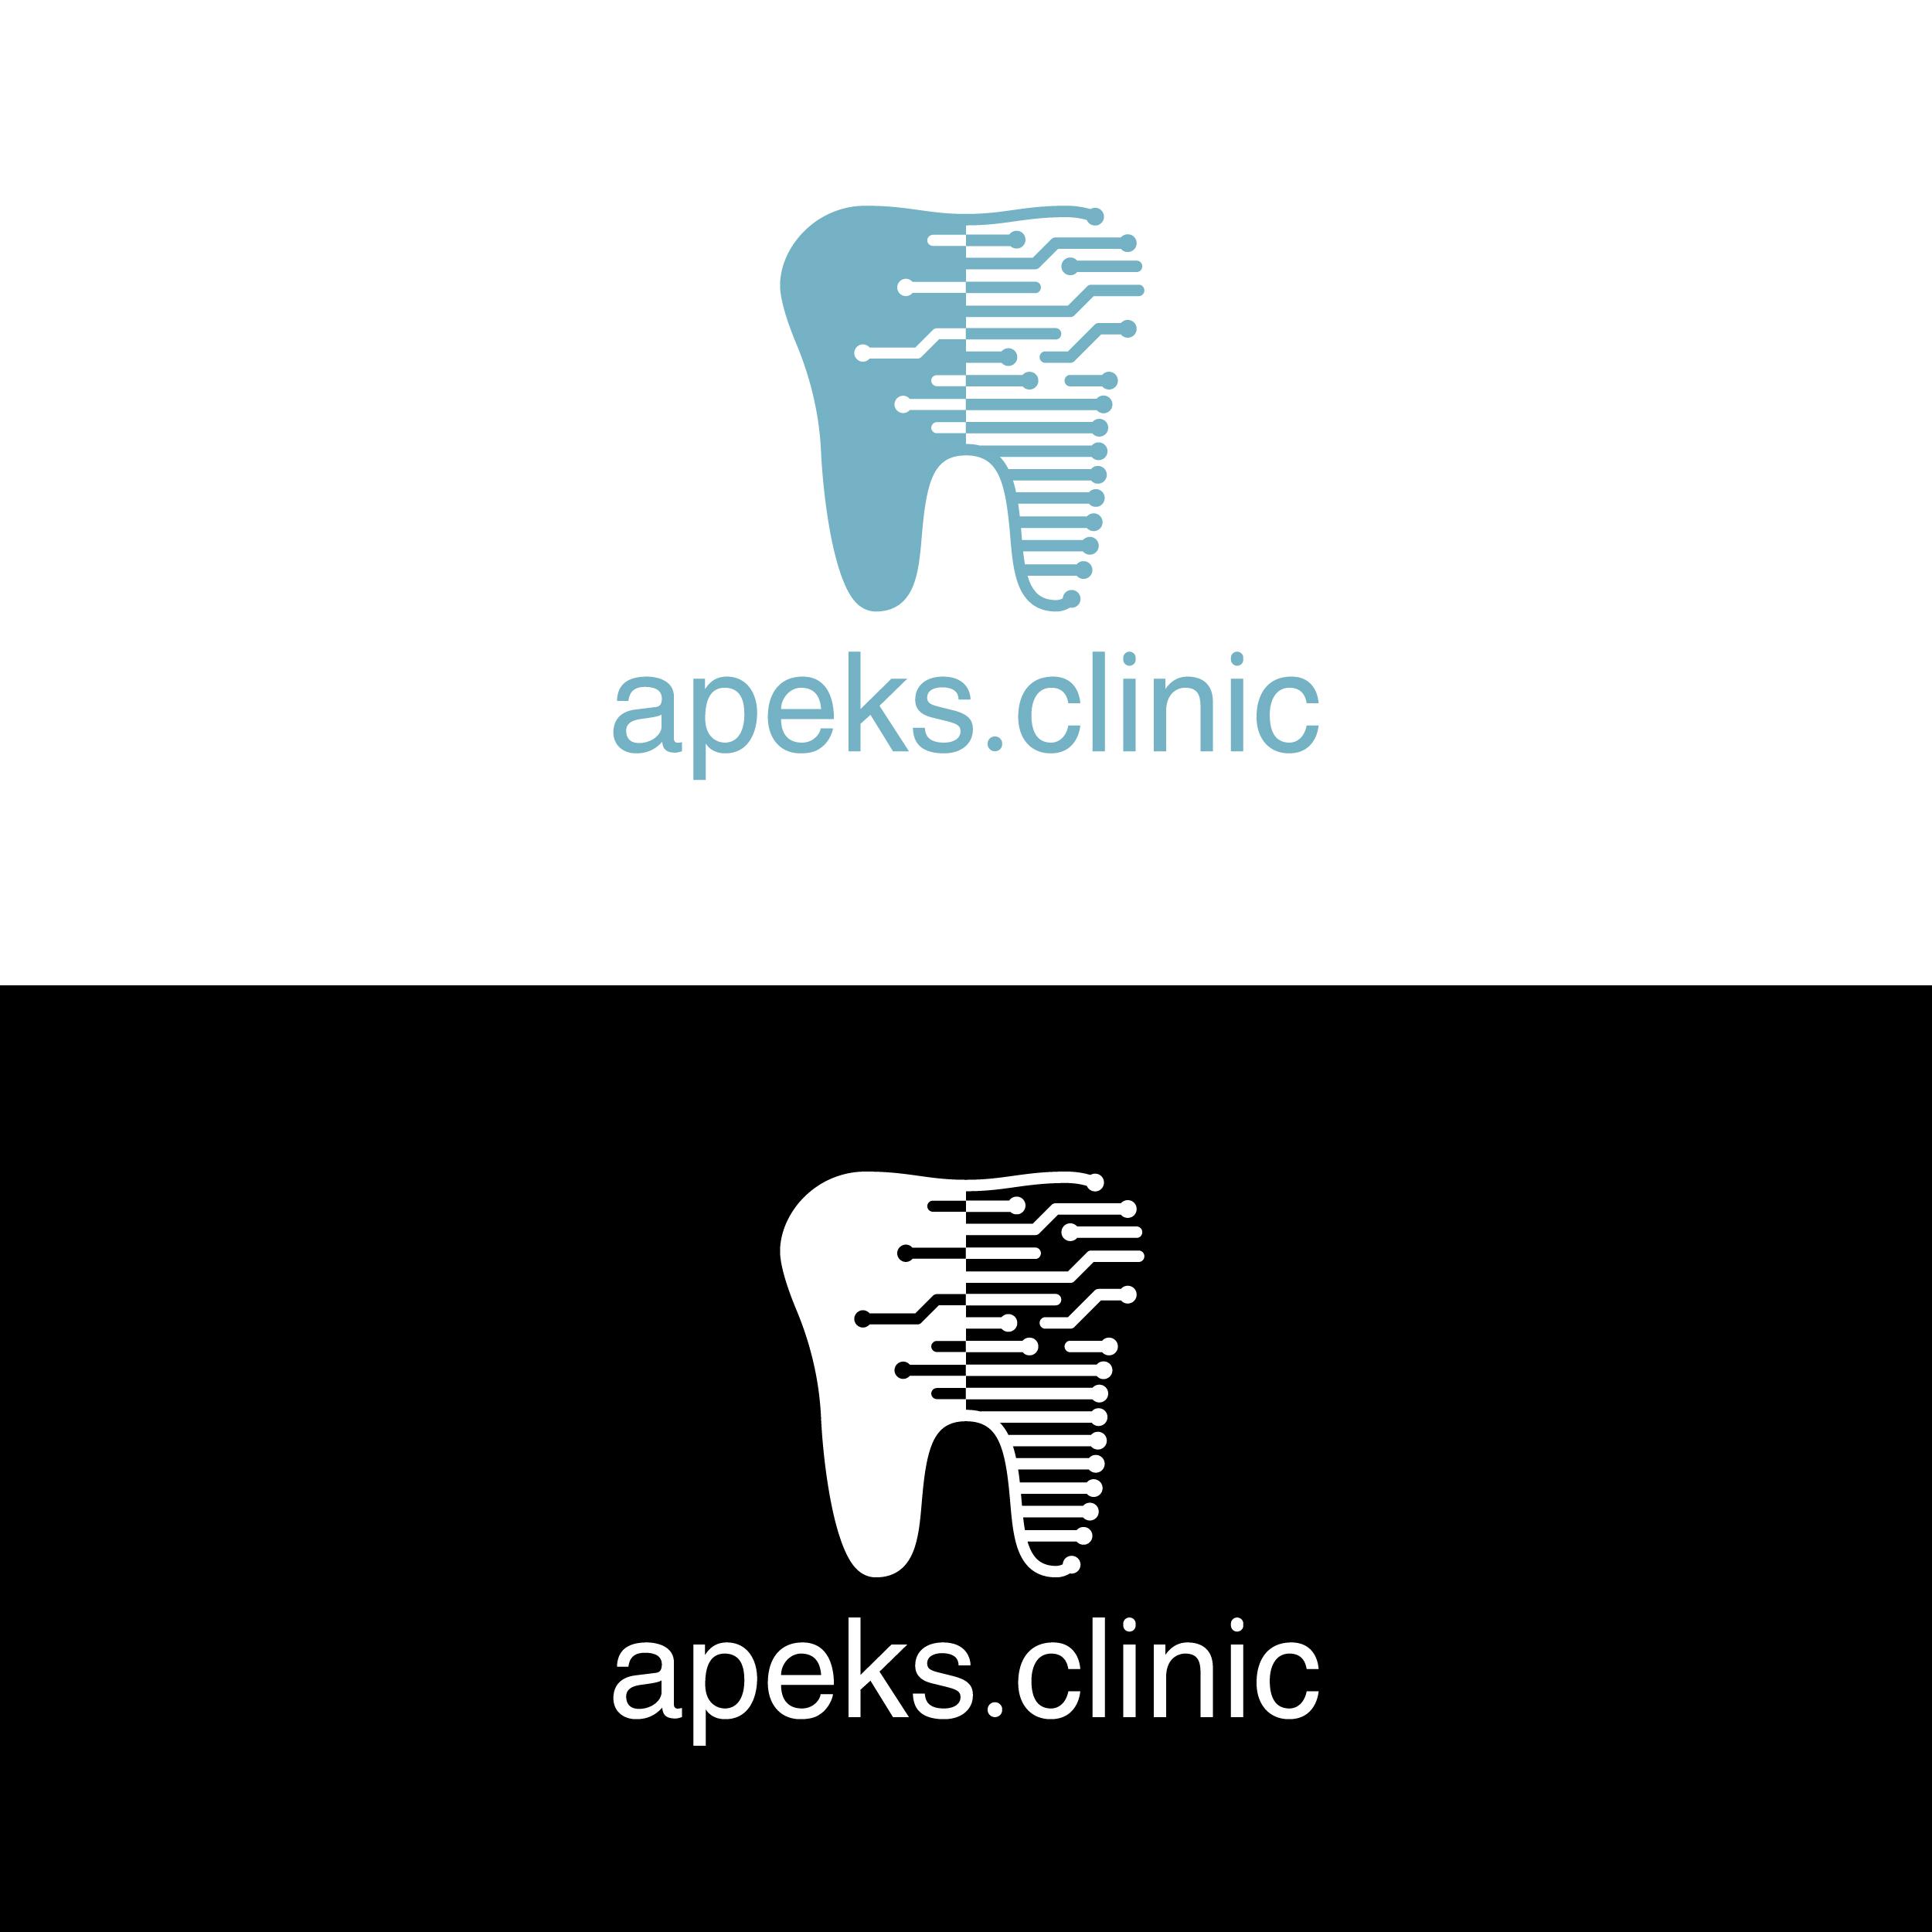 Логотип для стоматологии фото f_4445c890cbf95281.jpg